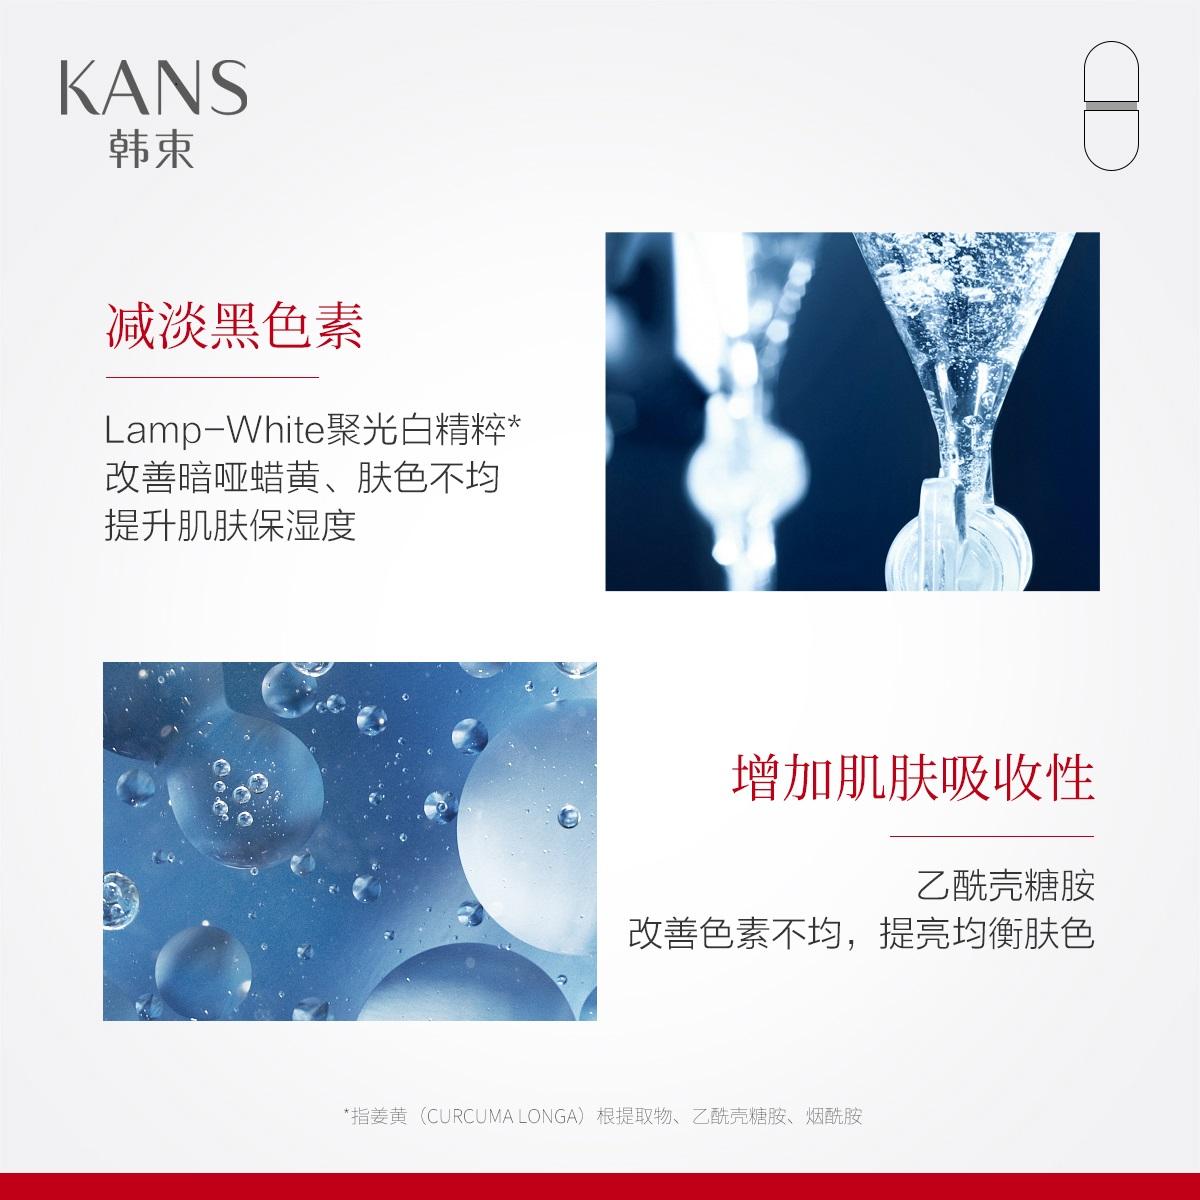 韓束銀膠囊高機能淡斑精華液煙酰胺美白補水保濕提亮膚色官網正品